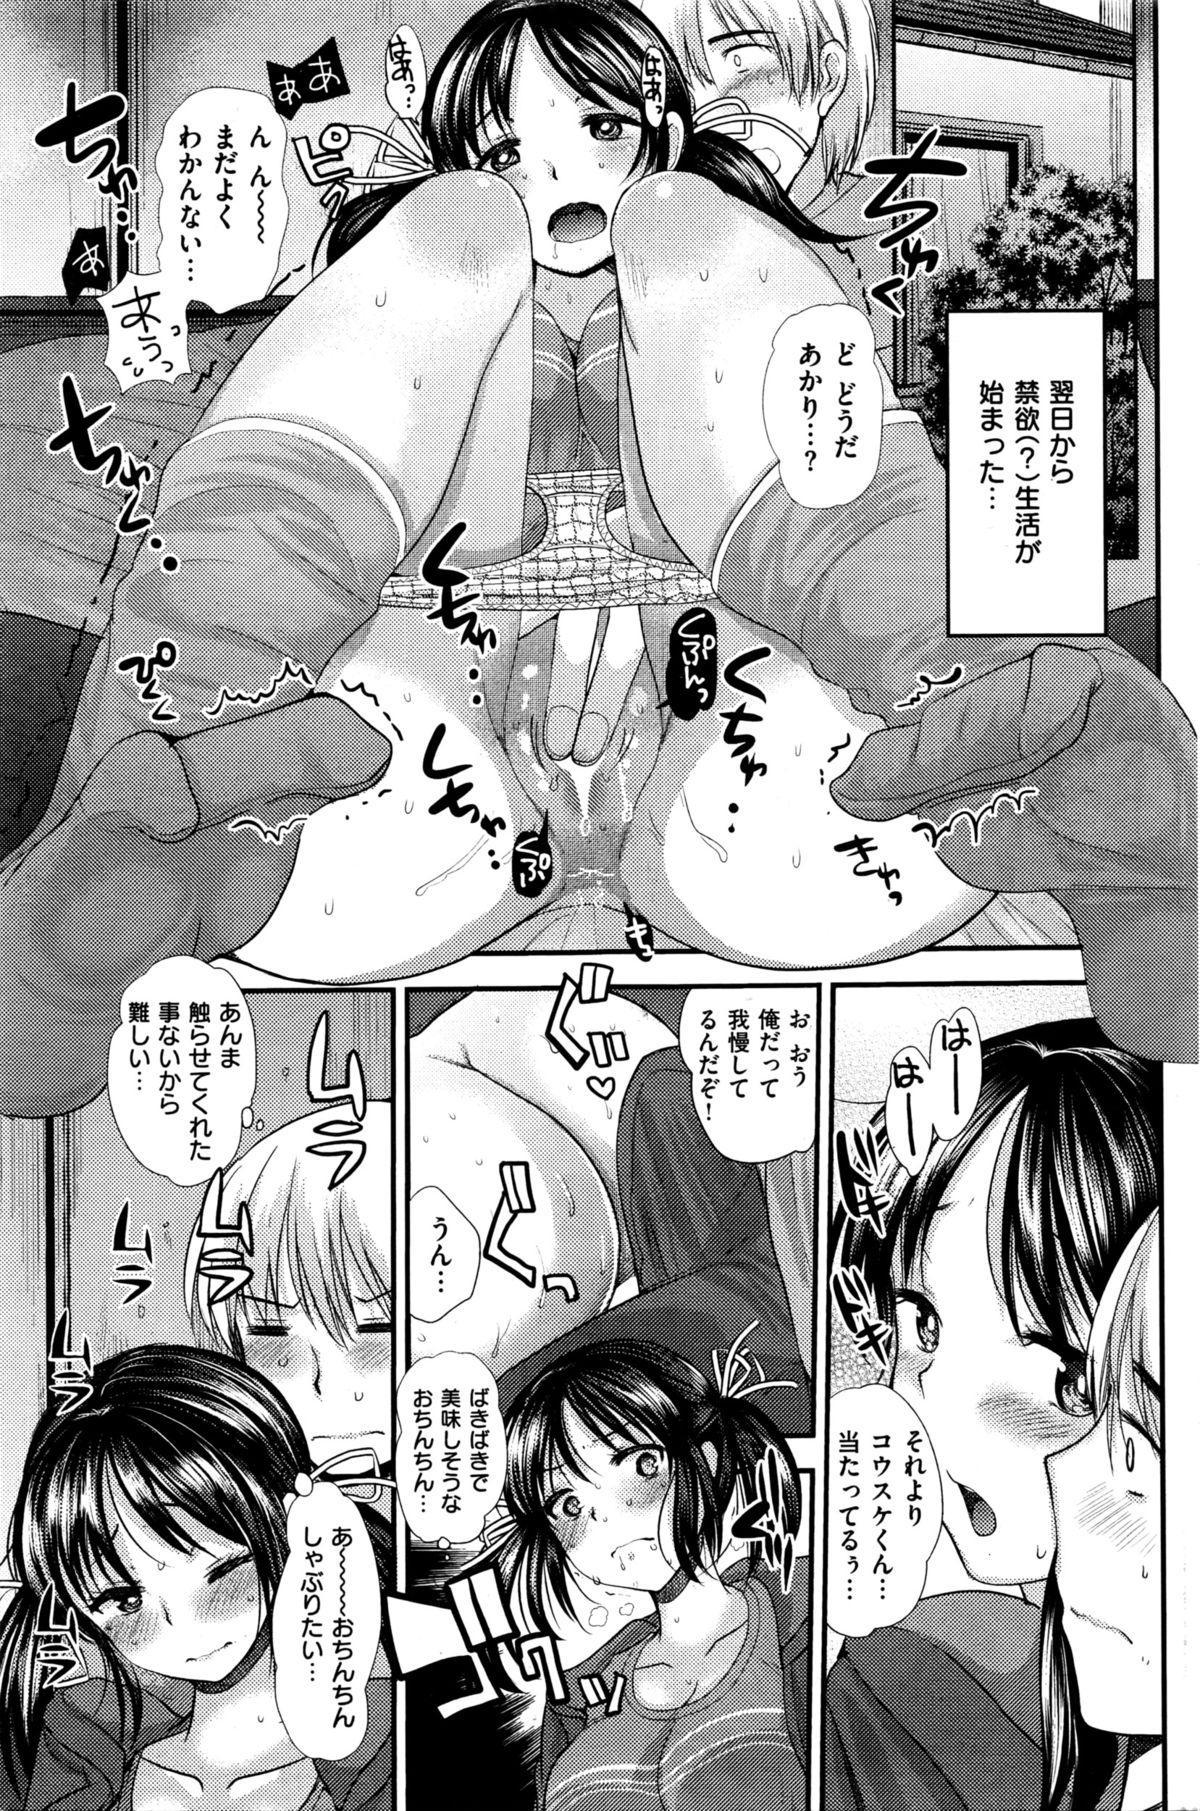 COMIC Kairakuten BEAST 2016-02 201